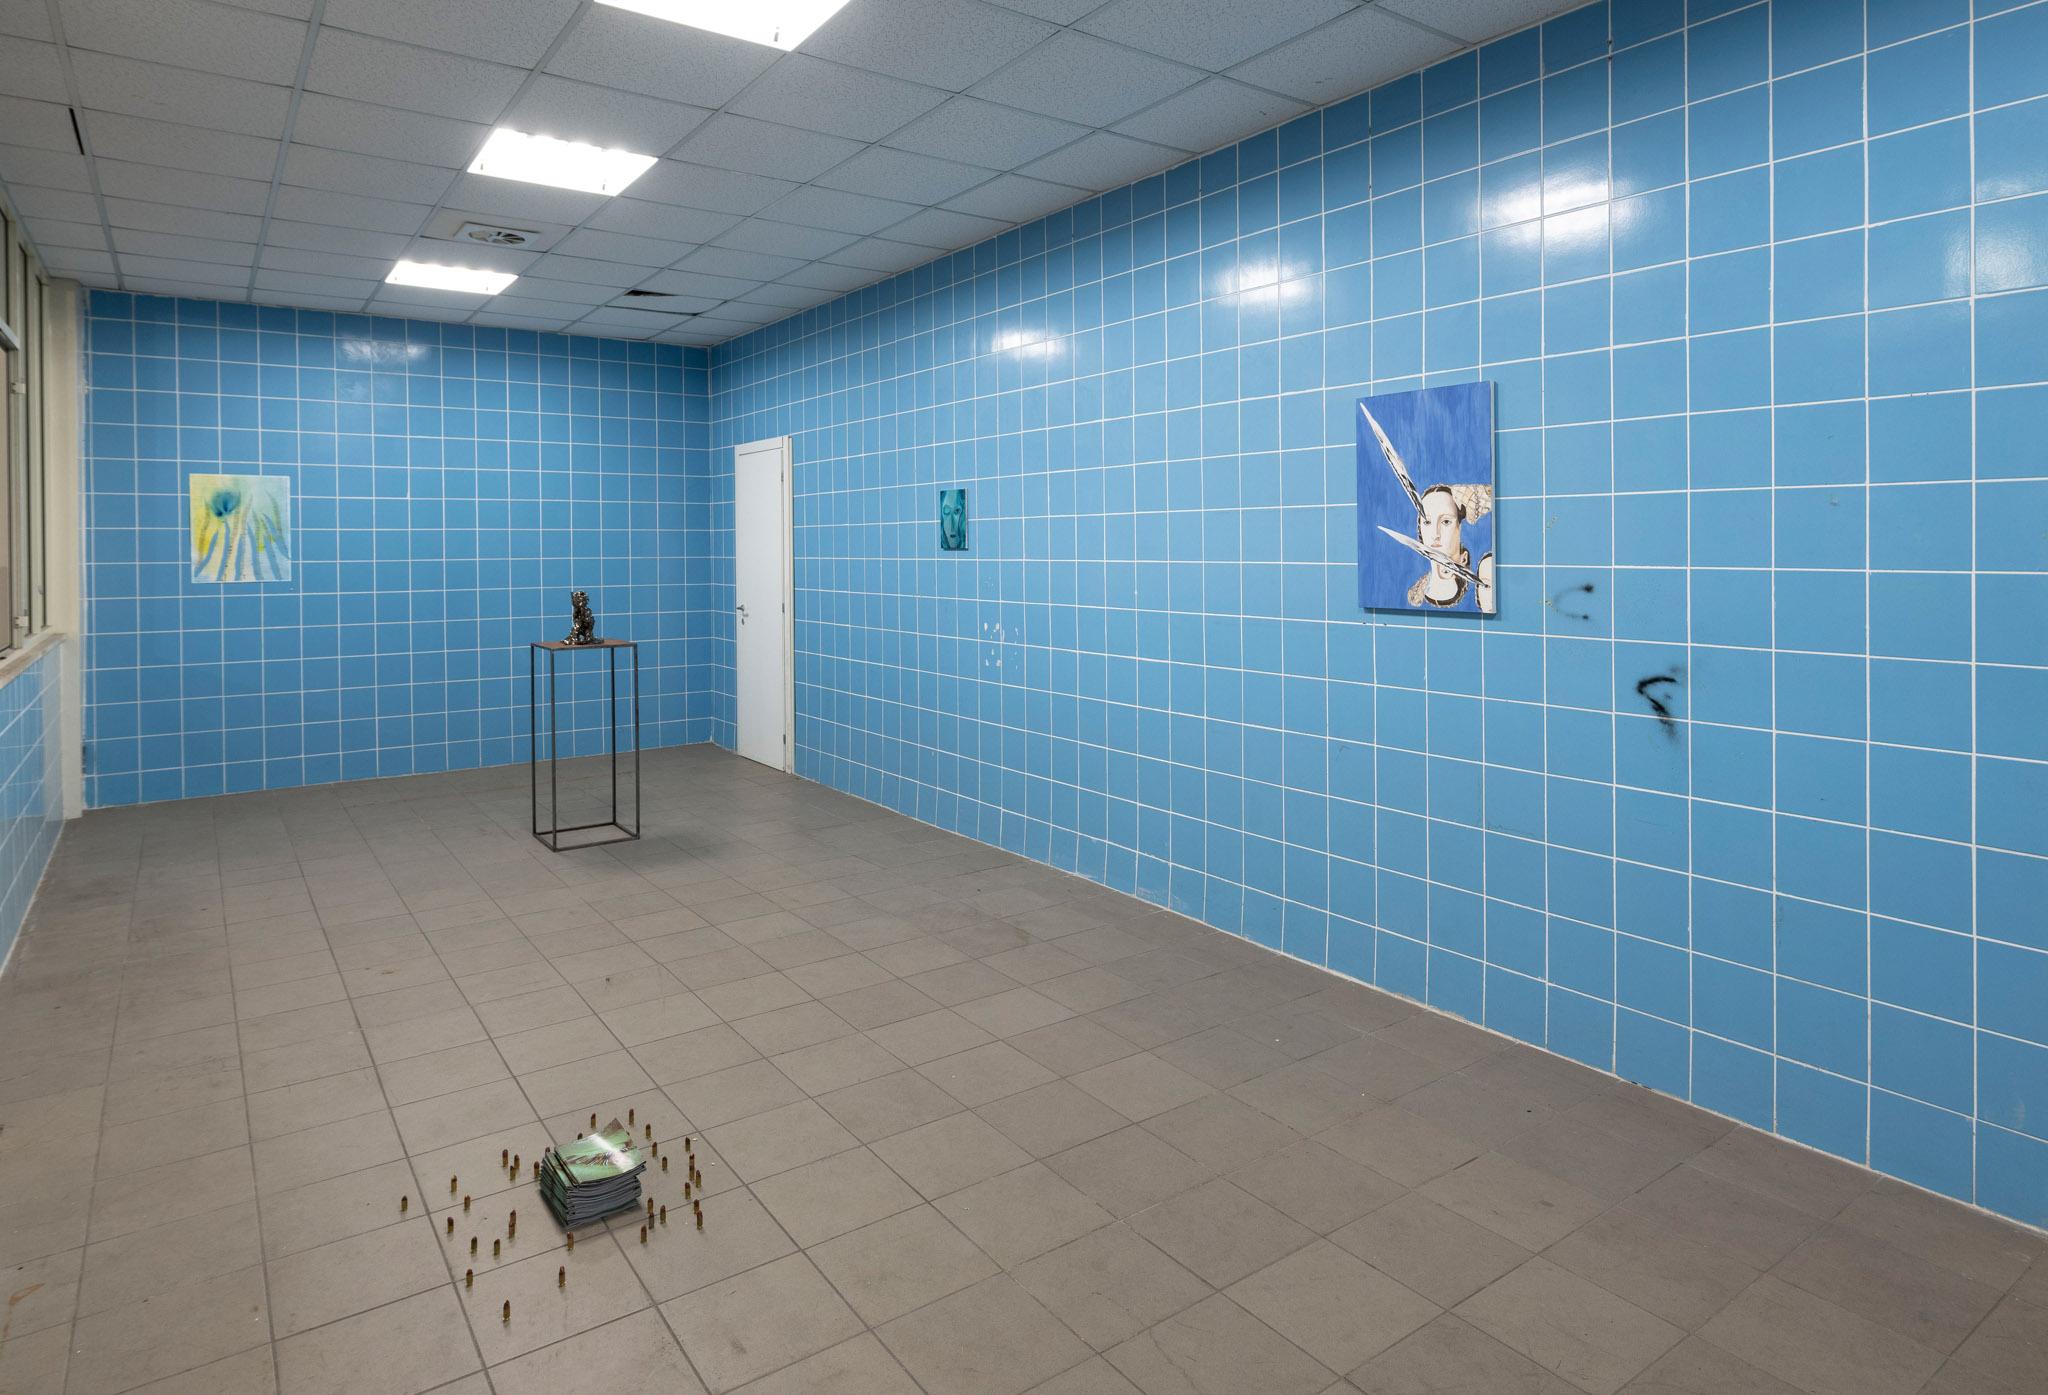 Vista dell'installazione Spaziomensa, courtesy artisti e Spaziomensa, photo credit: Giorgio Benni